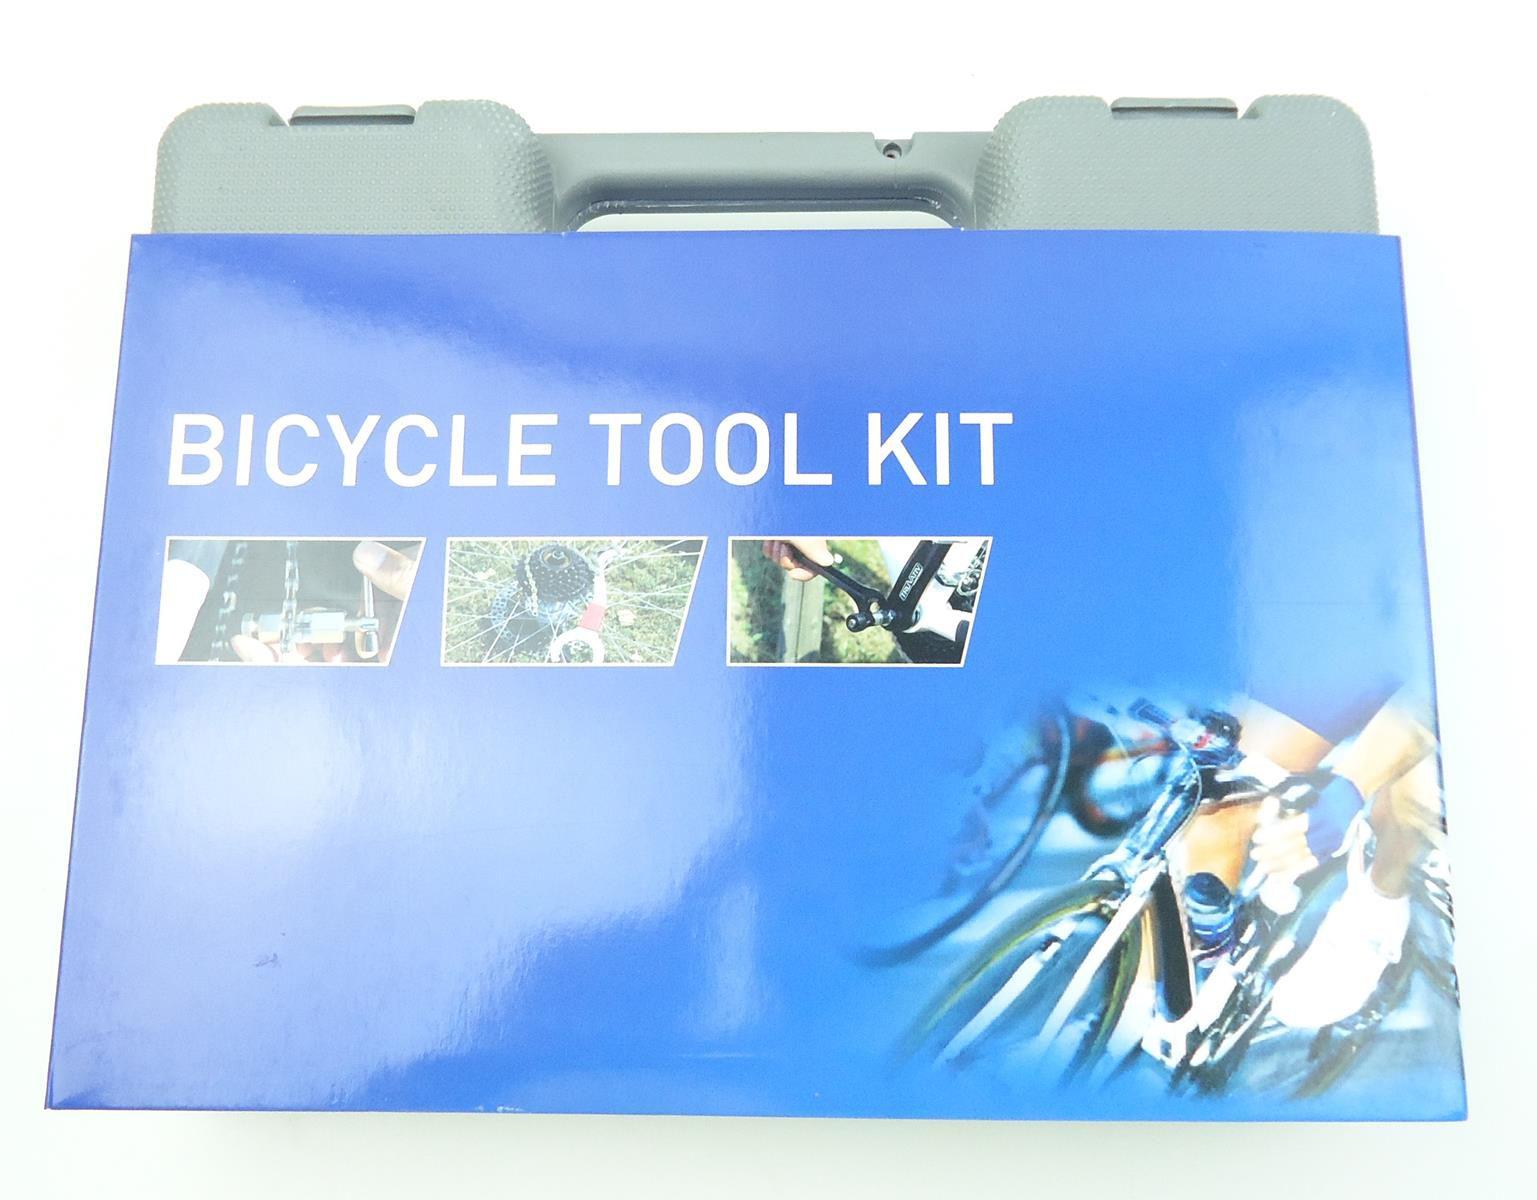 Maleta de Ferramentas Absolute com 17 Peças Para Manutenção de Bicicletas